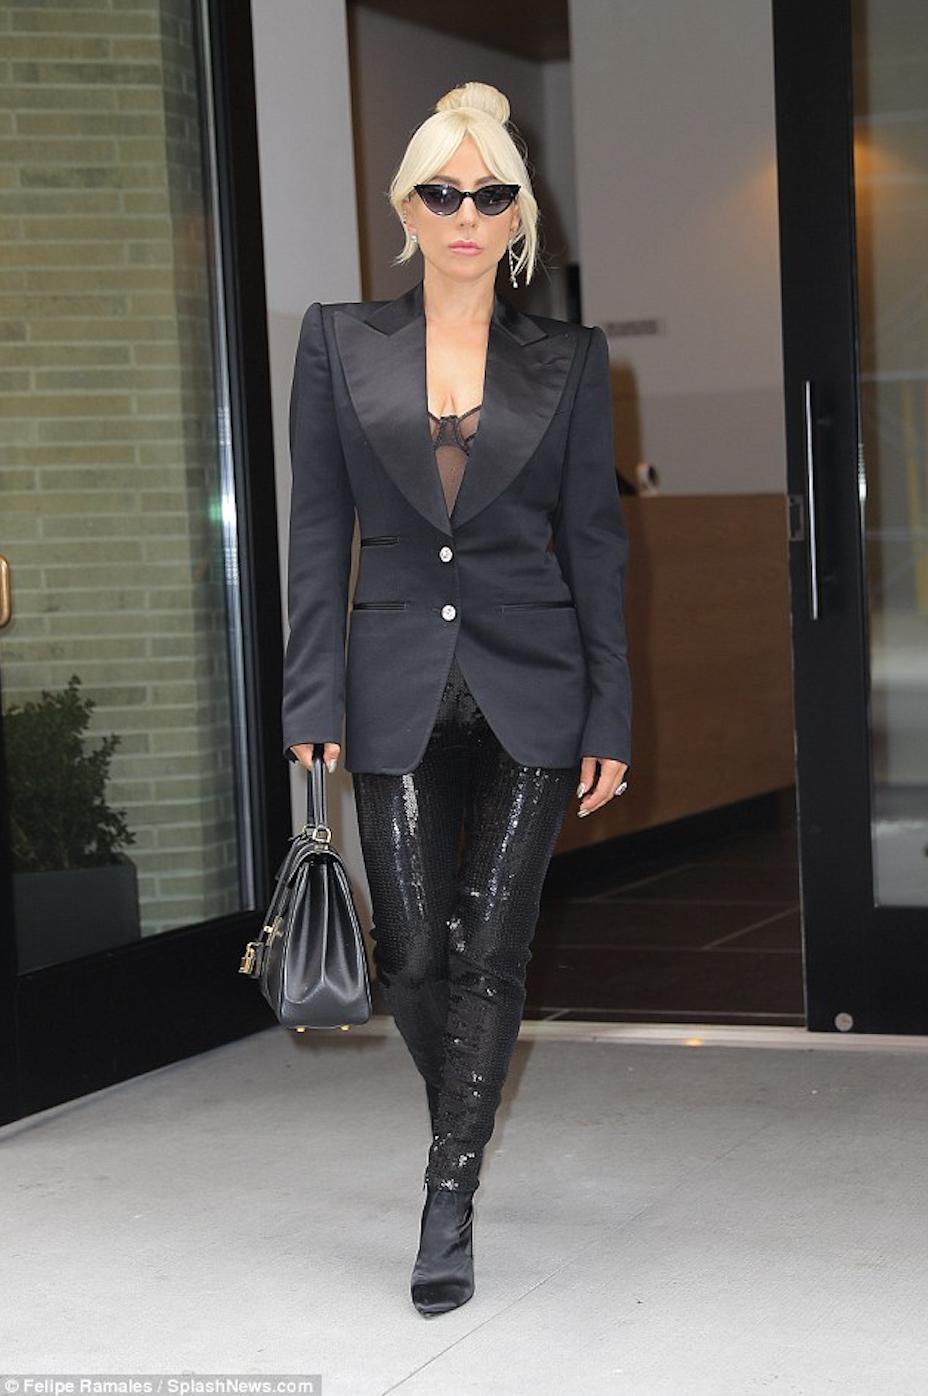 Lady Gaga rocks the Thierry Mugler runway Lady Gaga rocks the Thierry Mugler runway new pics